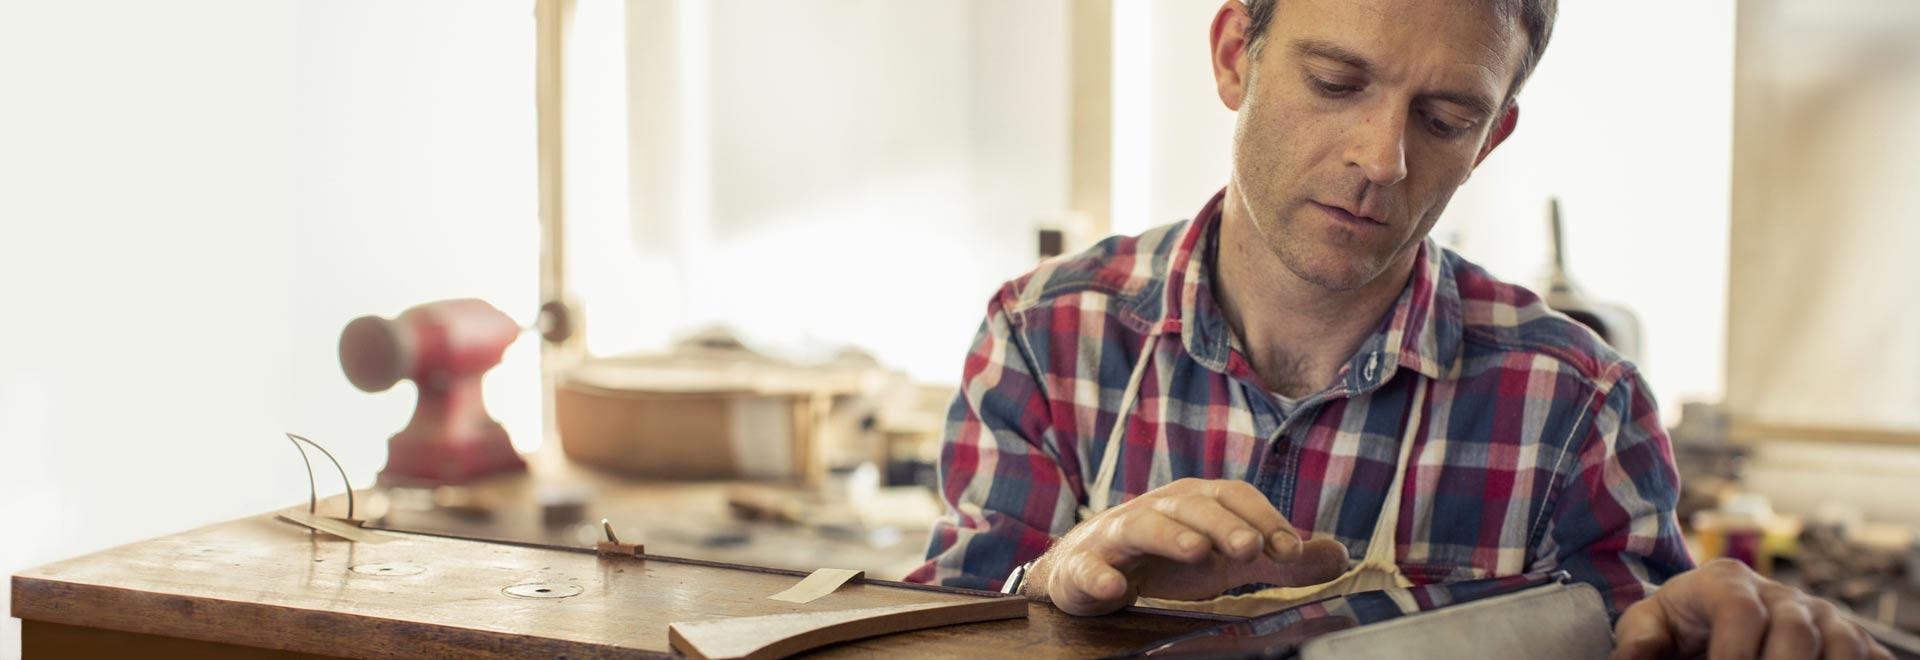 Человек в мастерской работает с Office365 бизнес на планшете